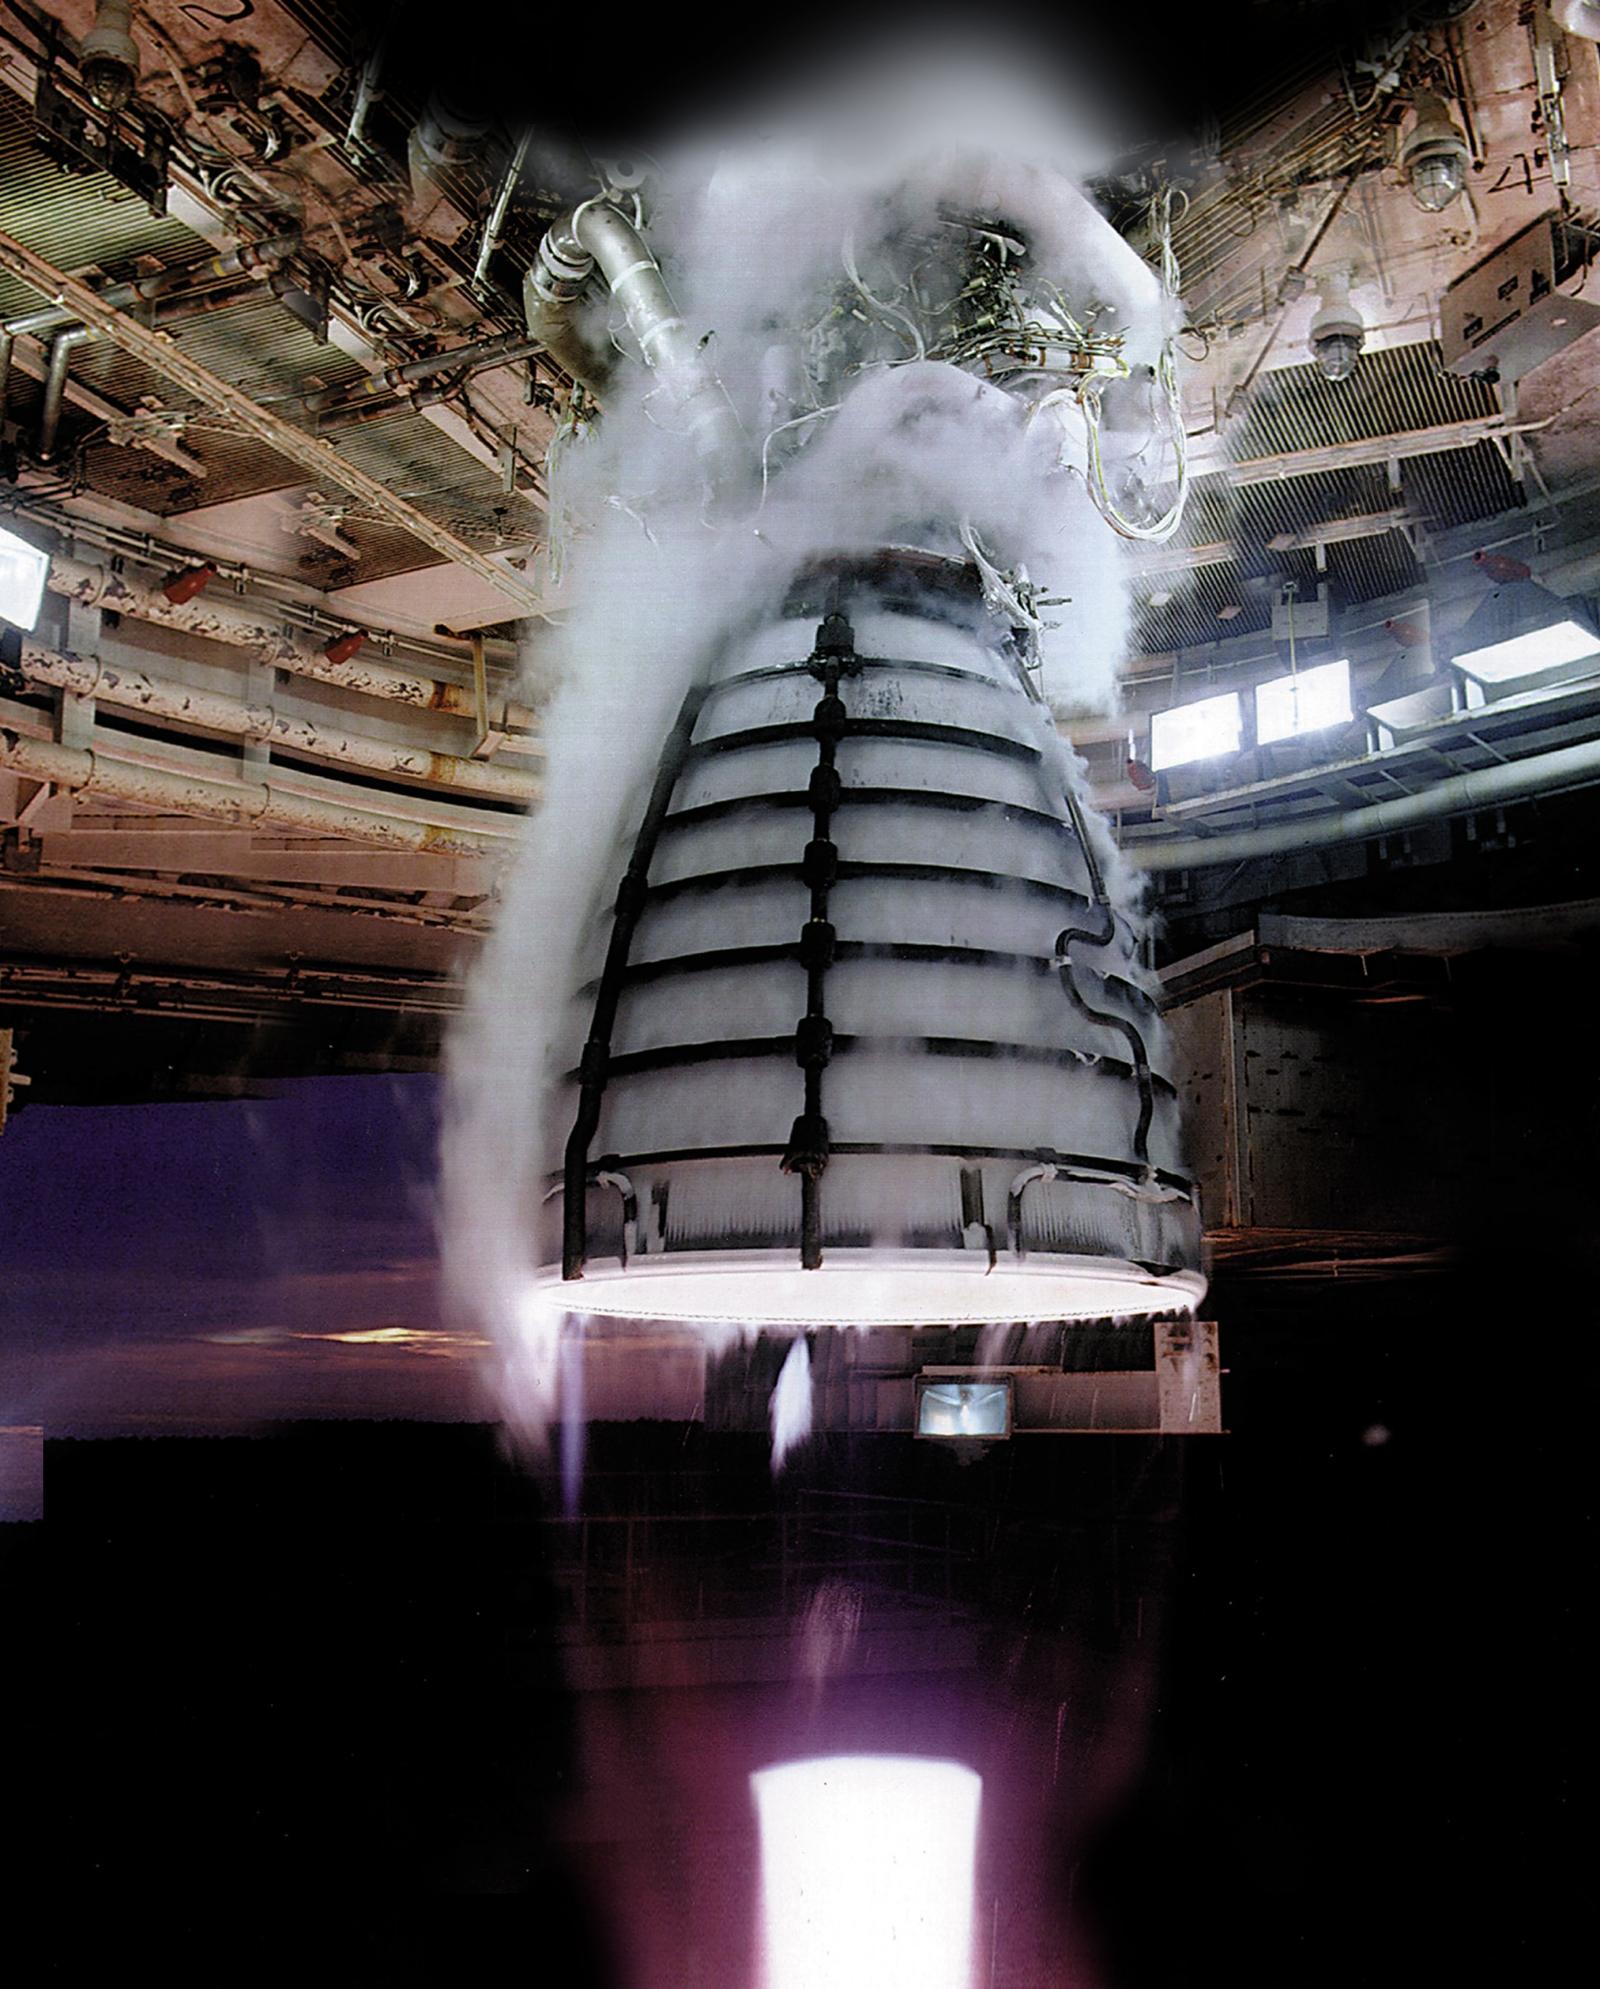 Nasa RS-25 engine SLS